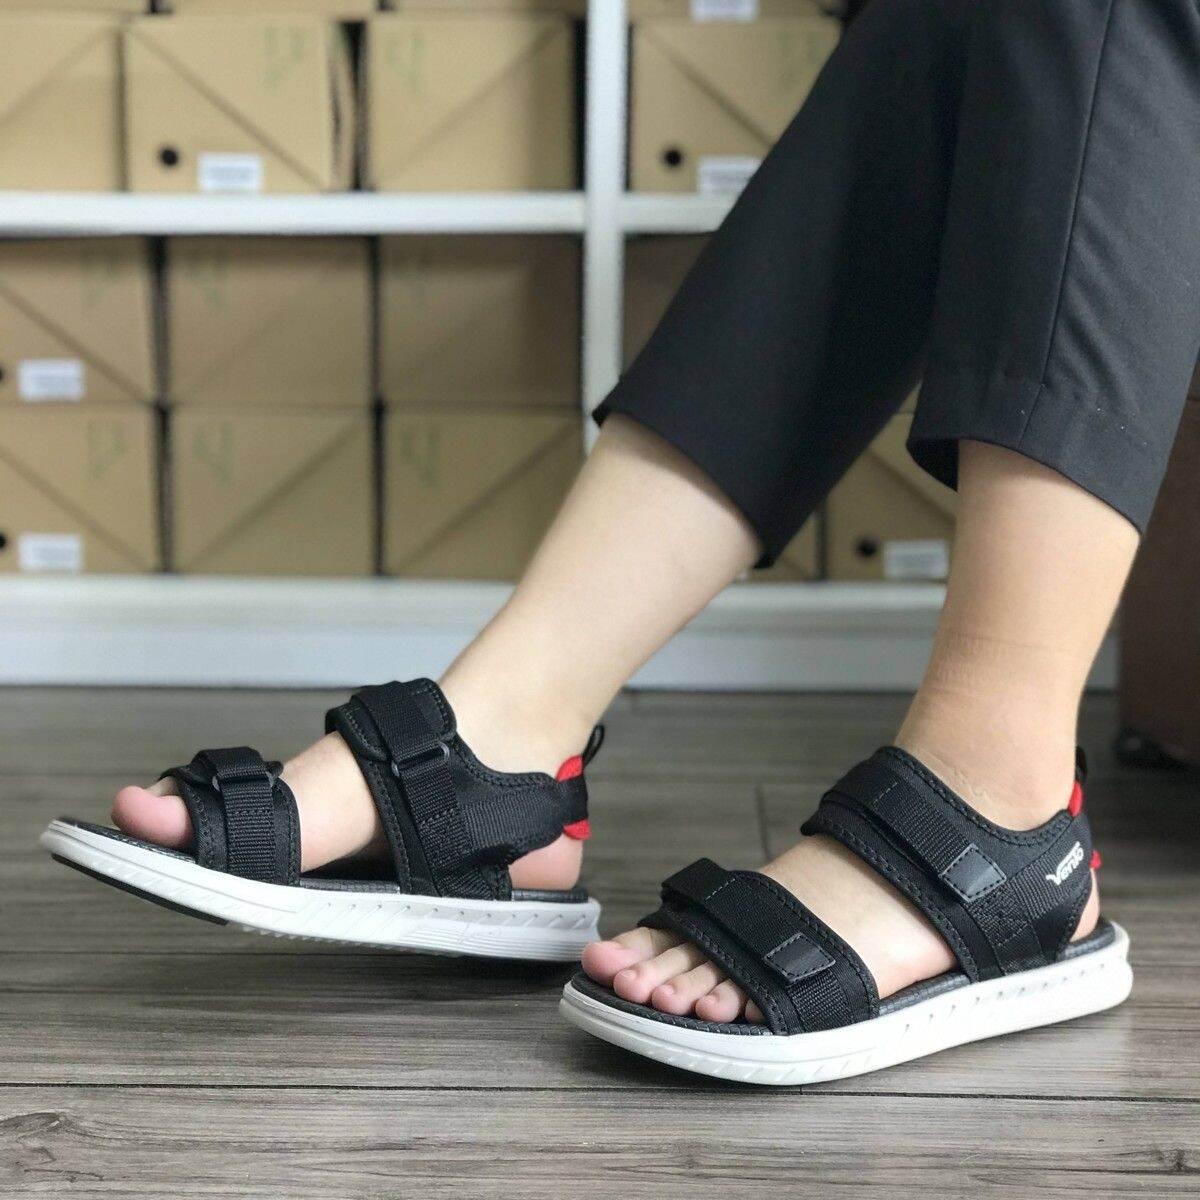 Sandal nữ Vento đế nhẹ bền đẹp NB81 đen xanh be thumbnail